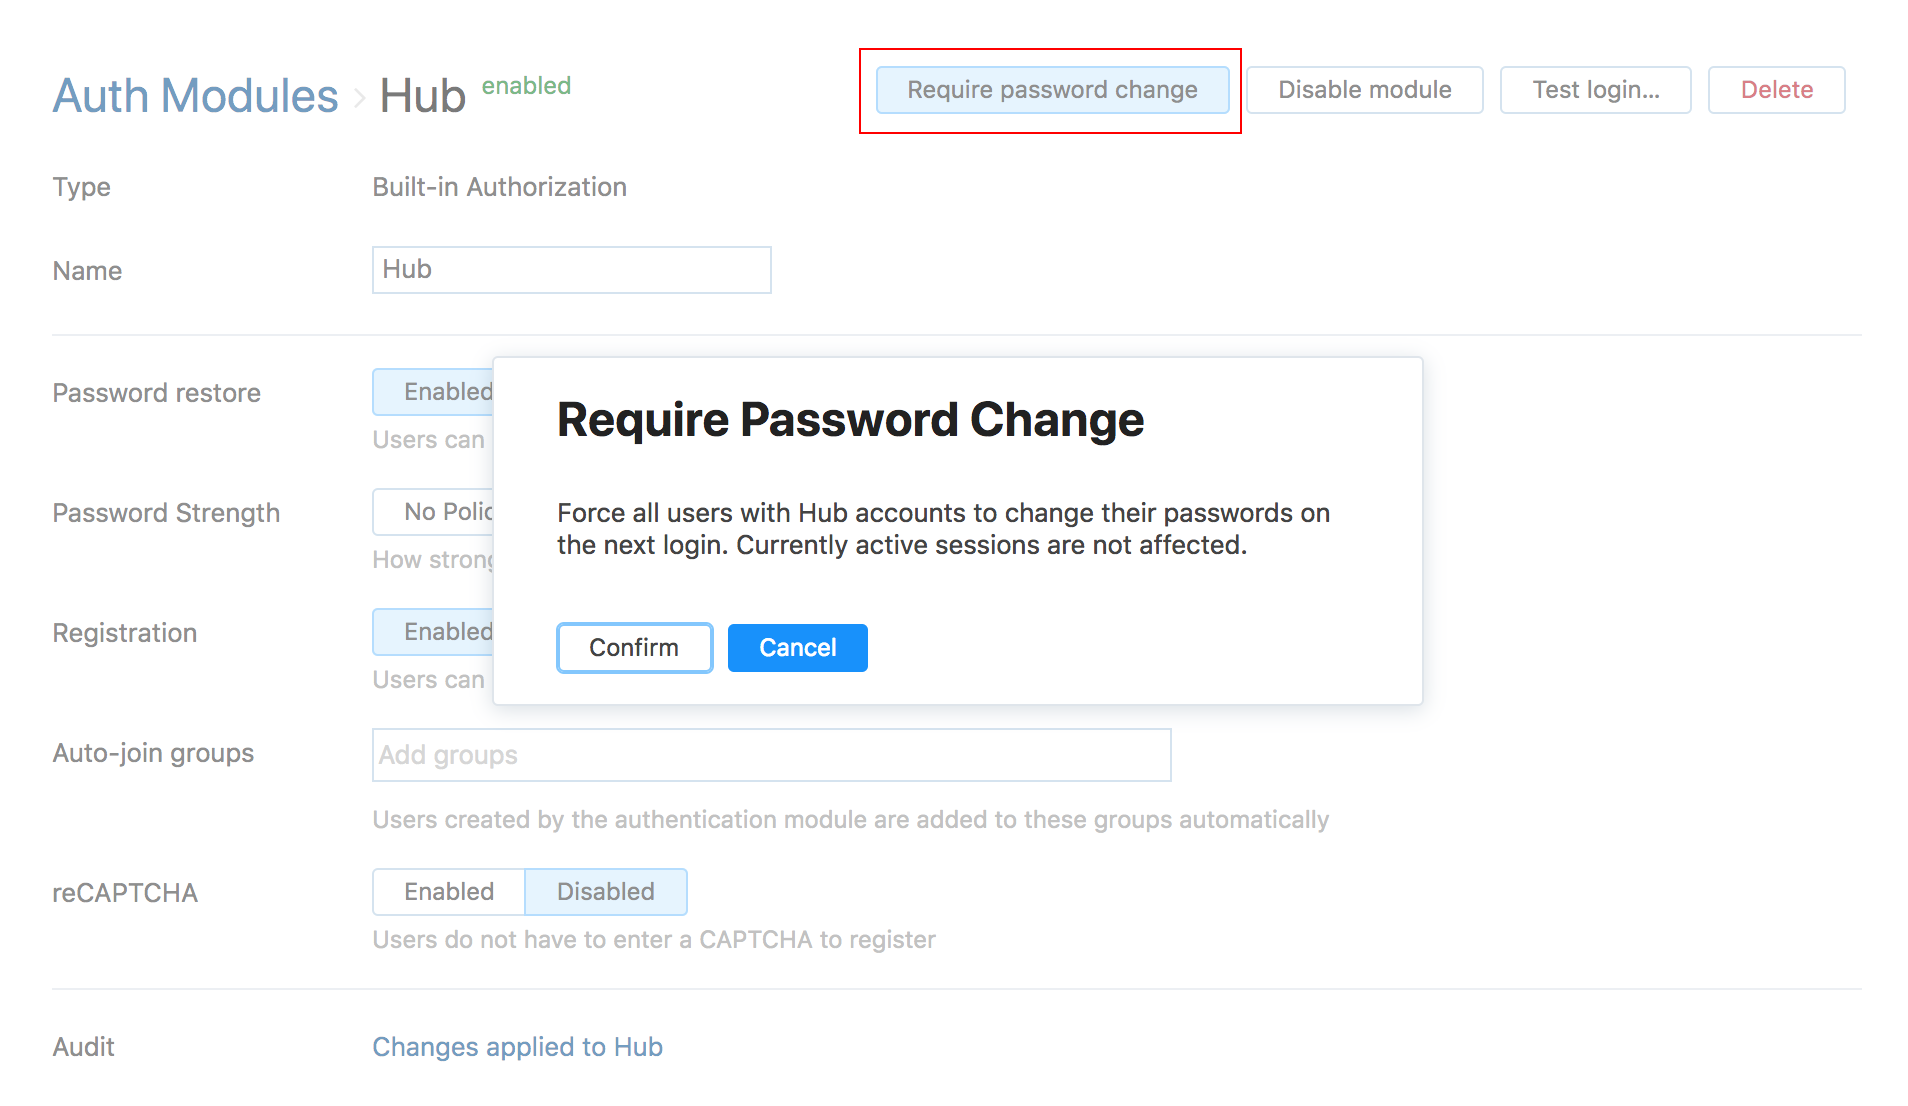 require_password_change